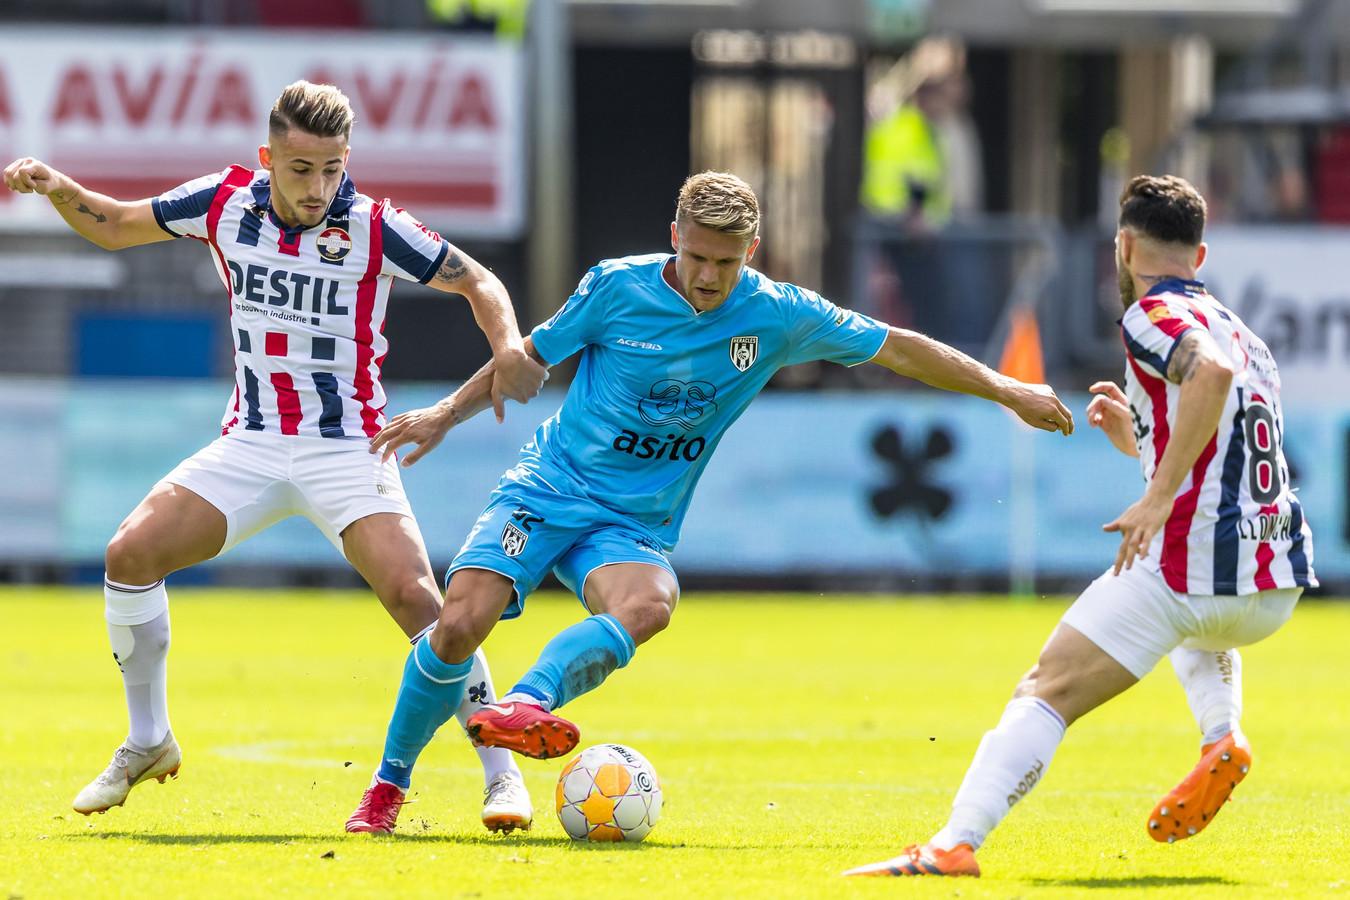 Donis Avdijaj en Pol Llonch maken het Heracles-speler Alexander Merkel lastig in de met 5-0 gewonnen thuiswedstrijd.